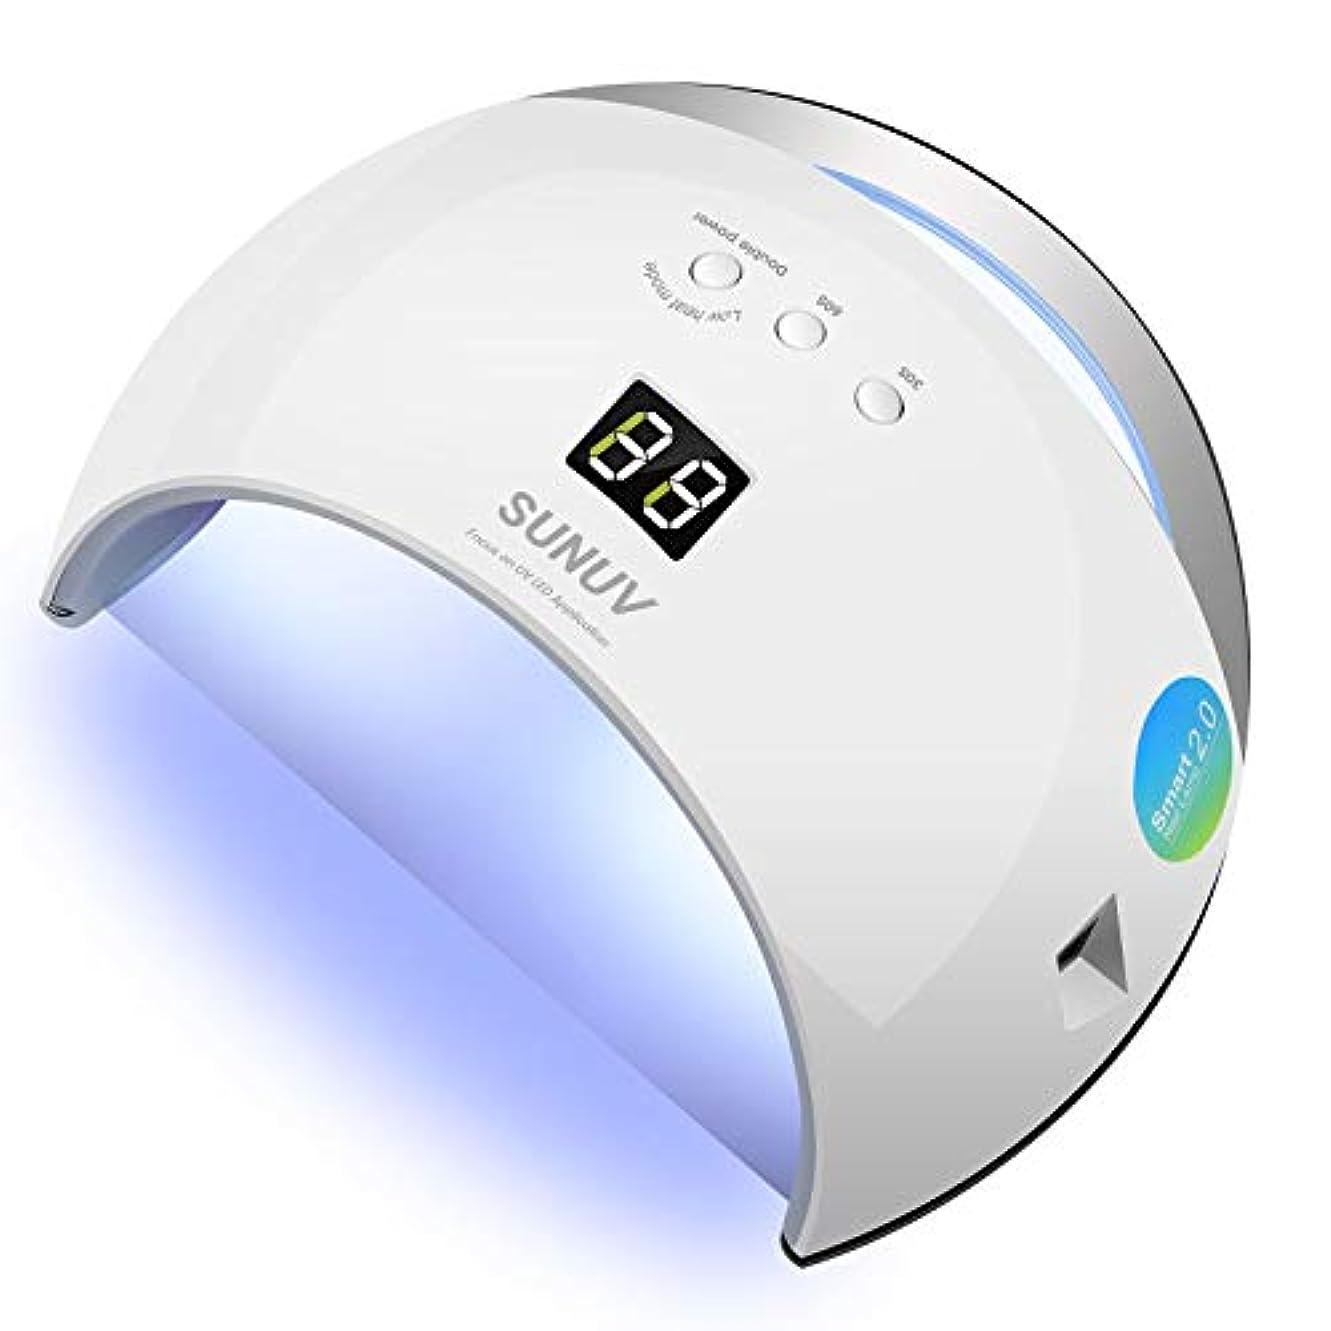 ラメあご型NaturalTrend ジェルネイル uv ledライト 最新48W 話題の低ヒートモード搭載 人感センサー (新48W, ライトホワイト)